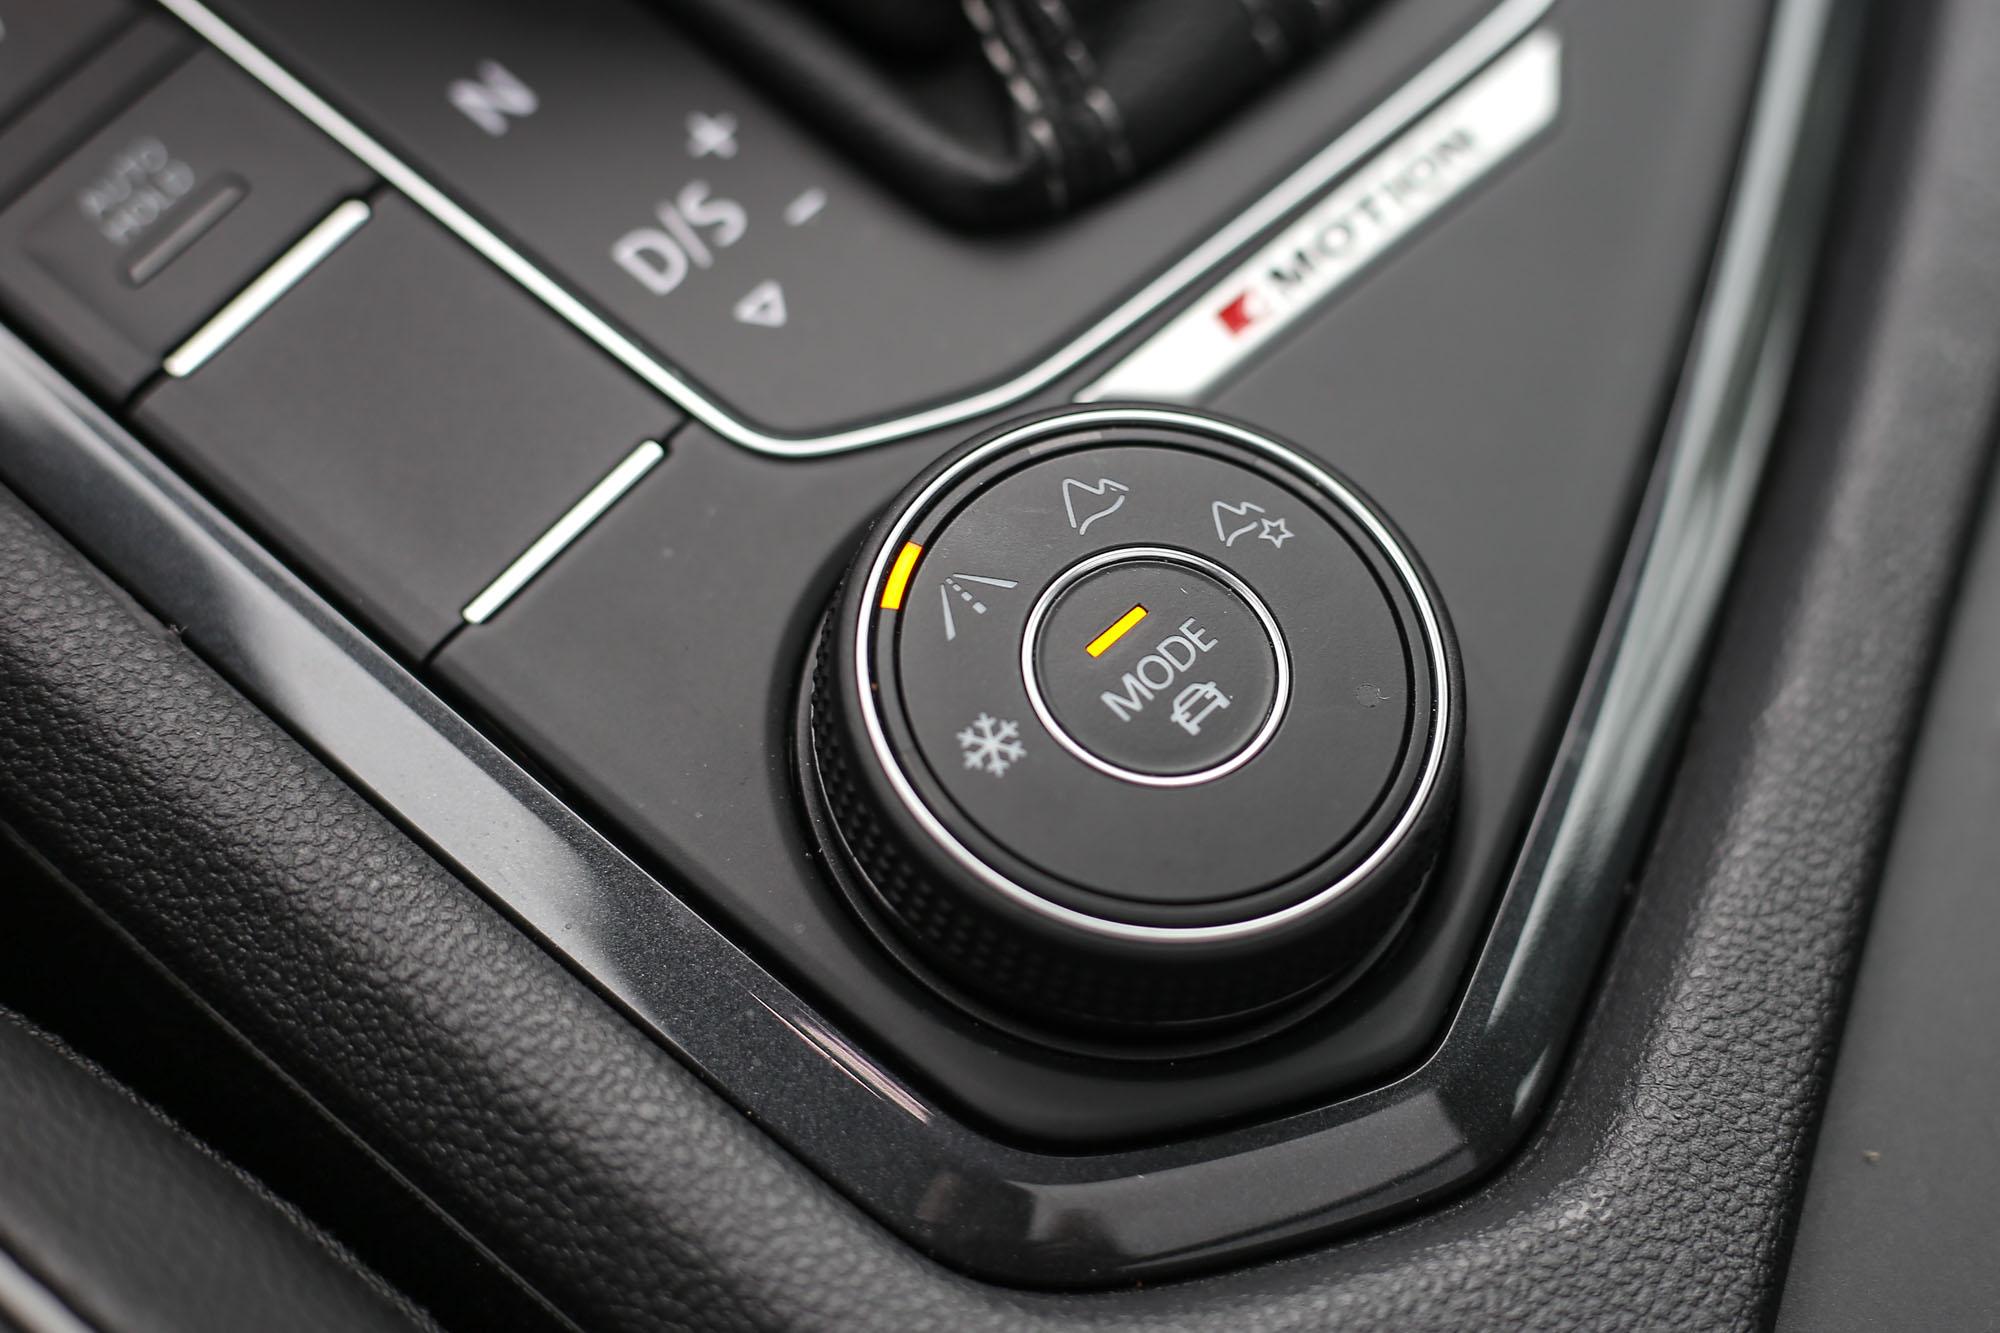 採取四輪驅動配置的Tiguan 380 TSI若旋轉此旋鈕,可選擇雪地、道路、越野、個人化設定等四種模式,增加不佳路況的穿越能力。